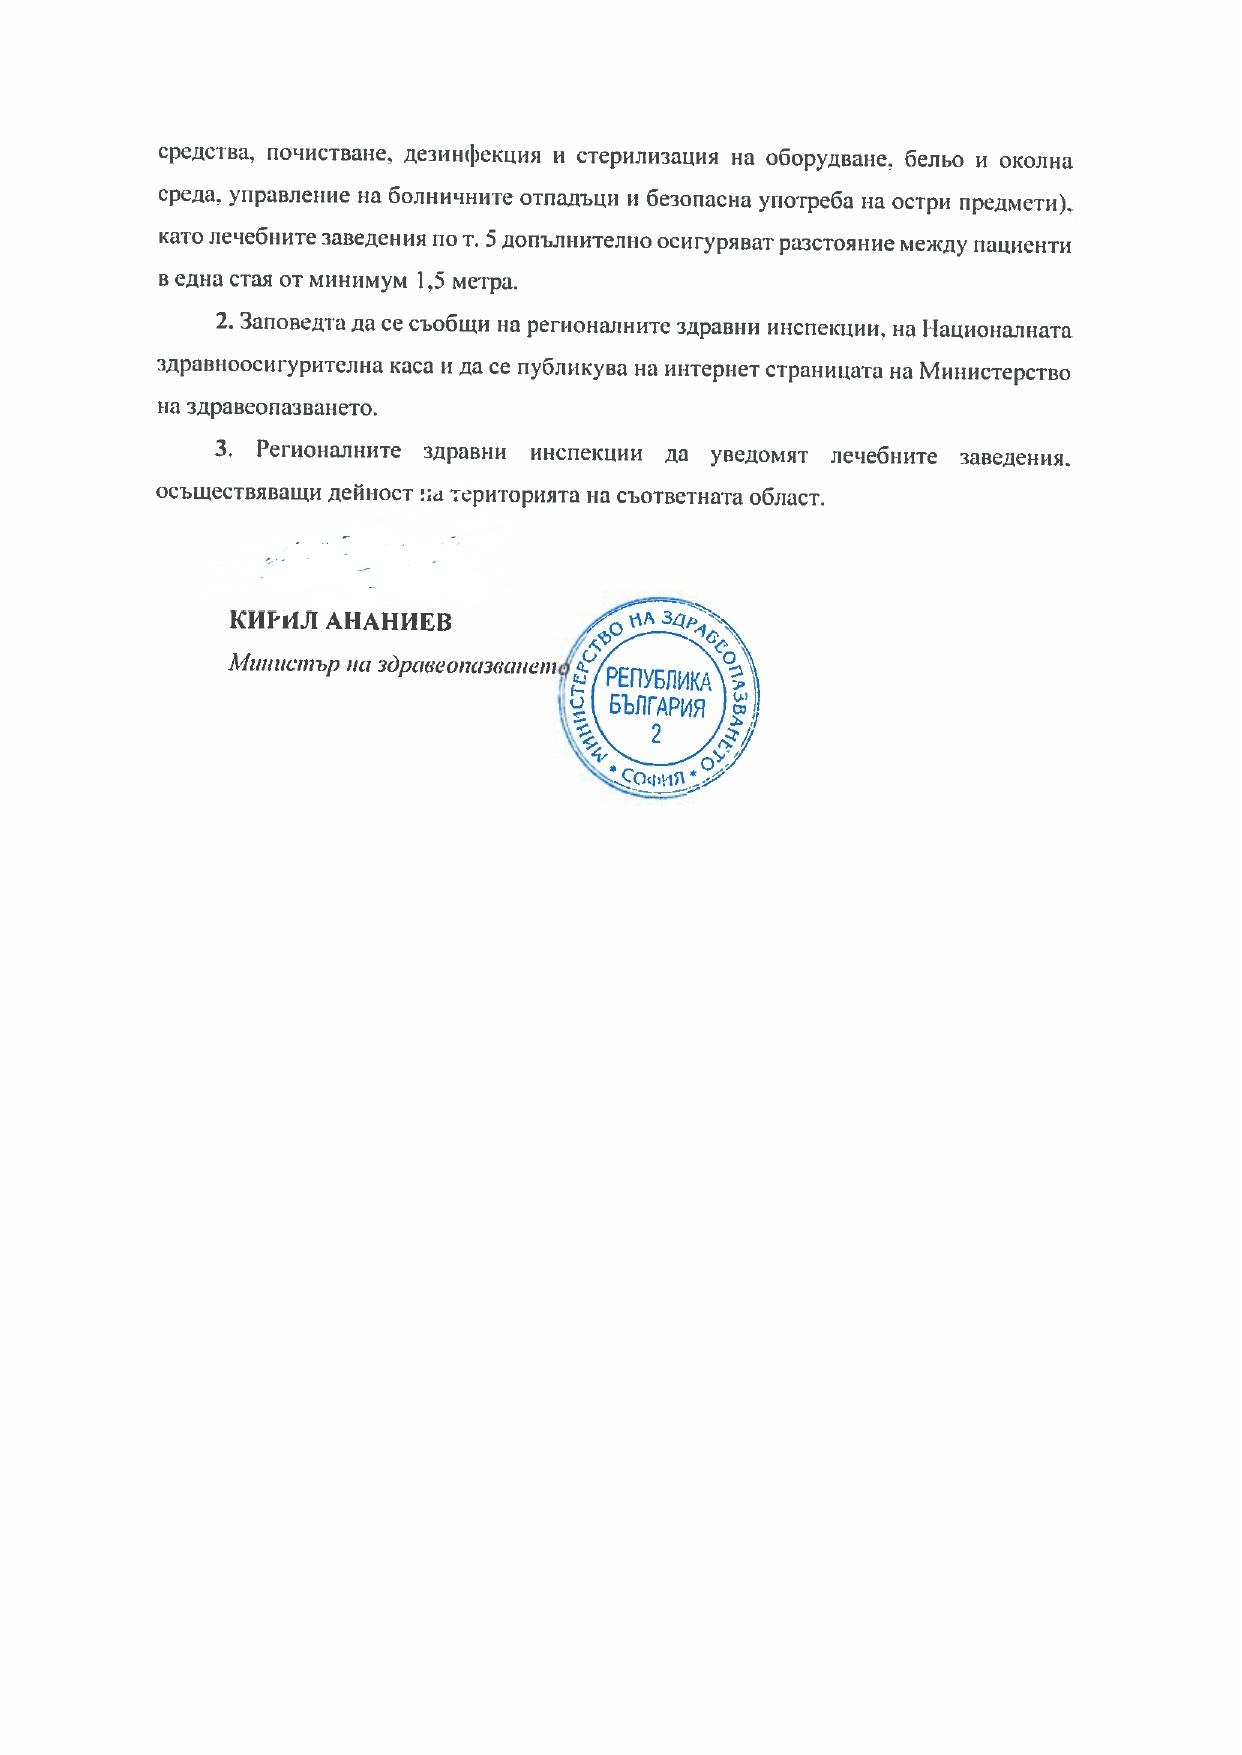 АНАНИЕВ ВАКСИНА КРАЙ